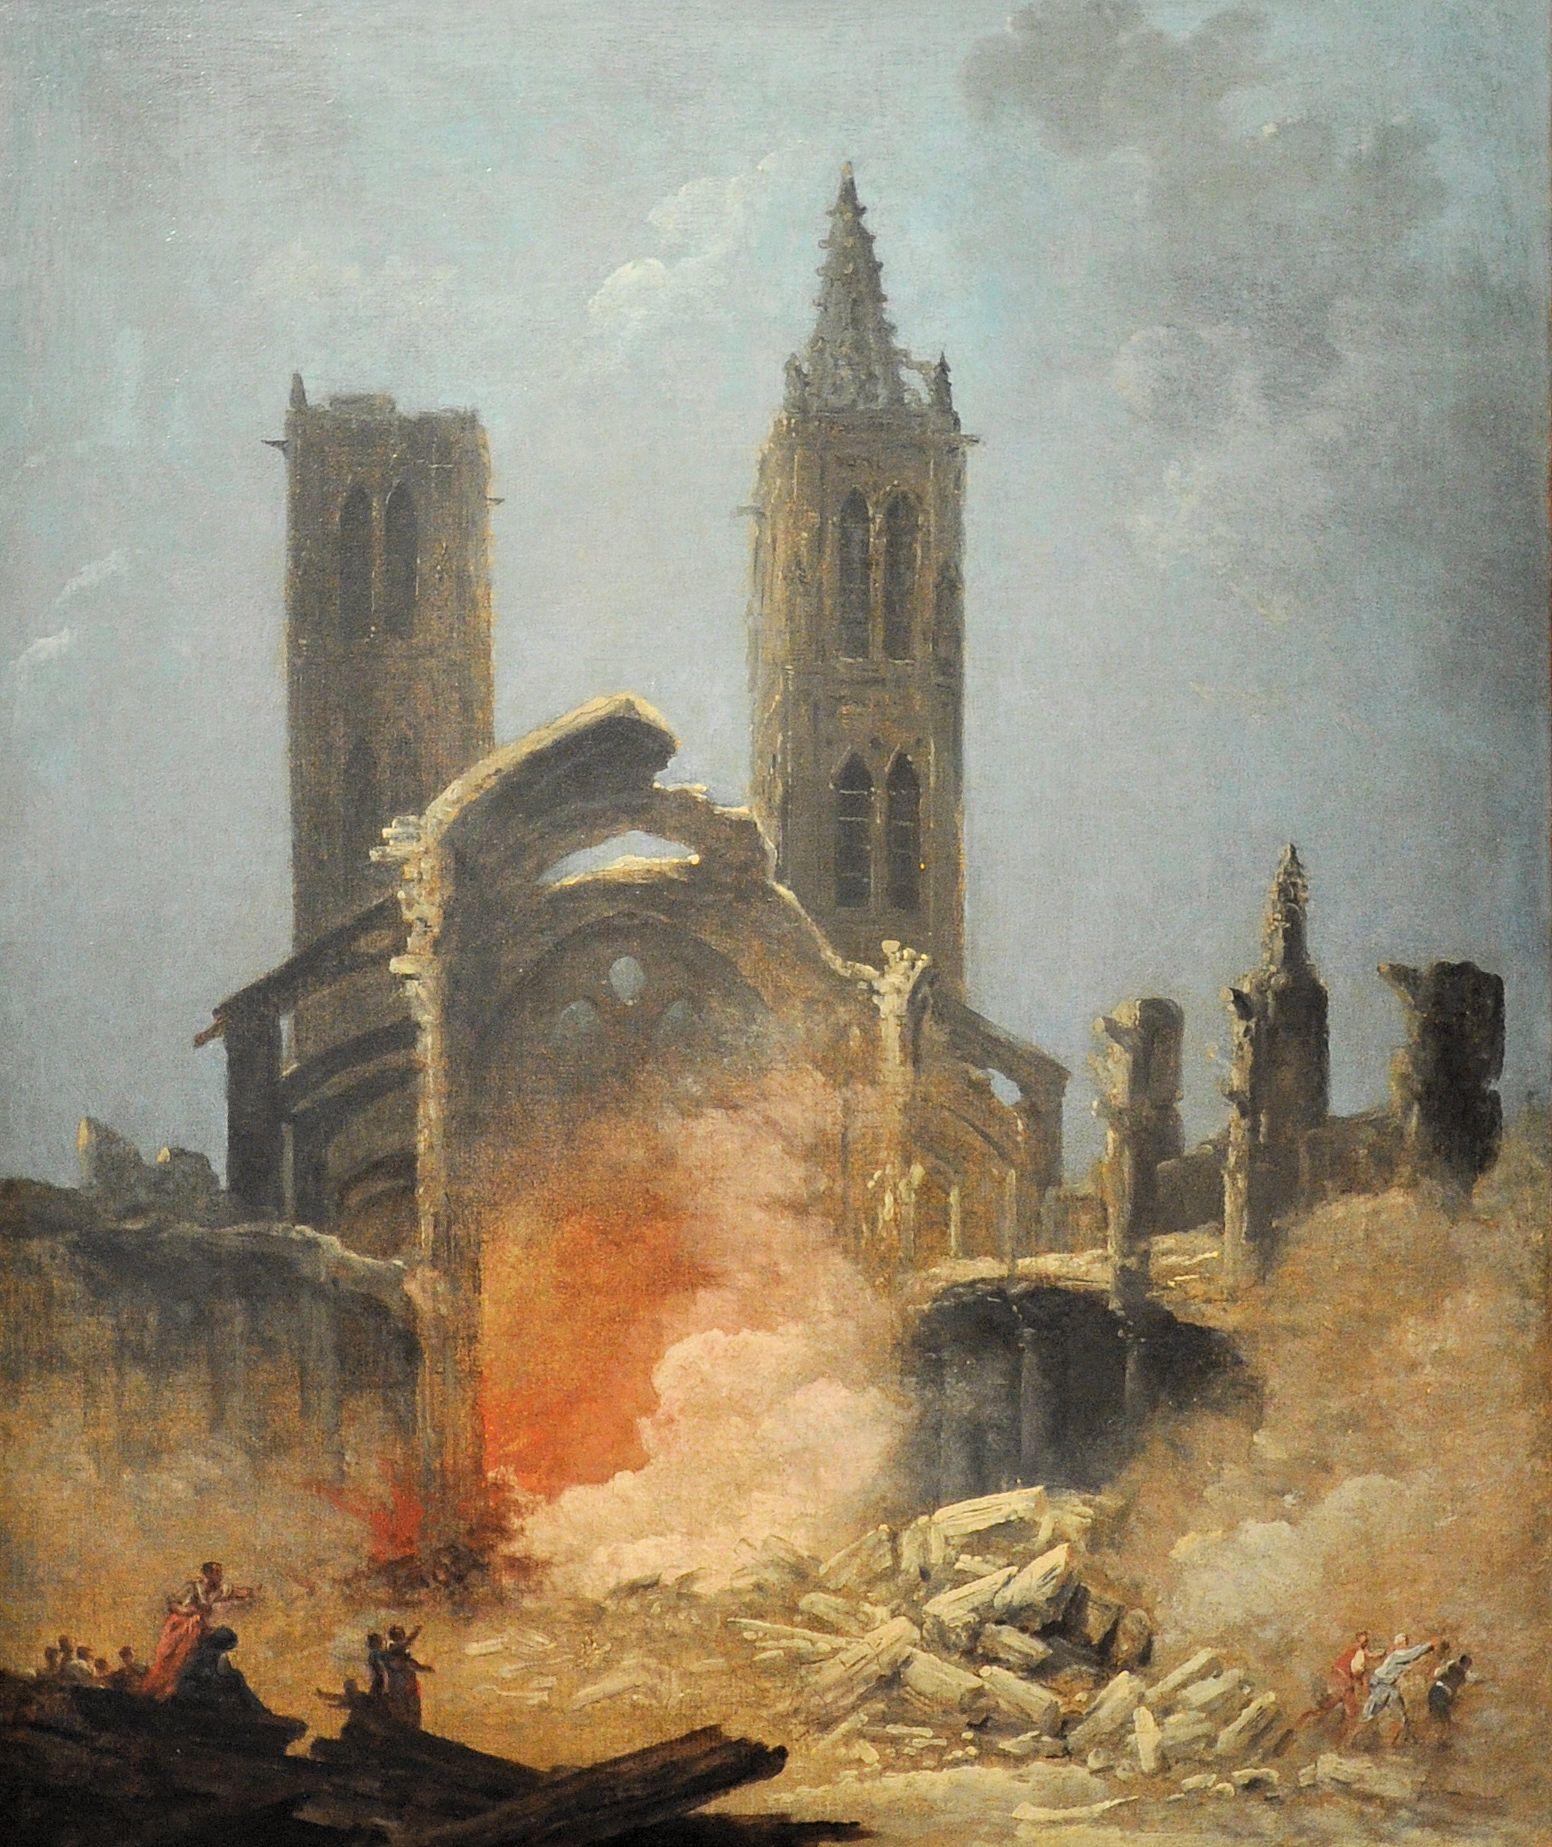 Démolition de l'église Saint-Jean-en-Grève - Musée Carnavalet, 1800